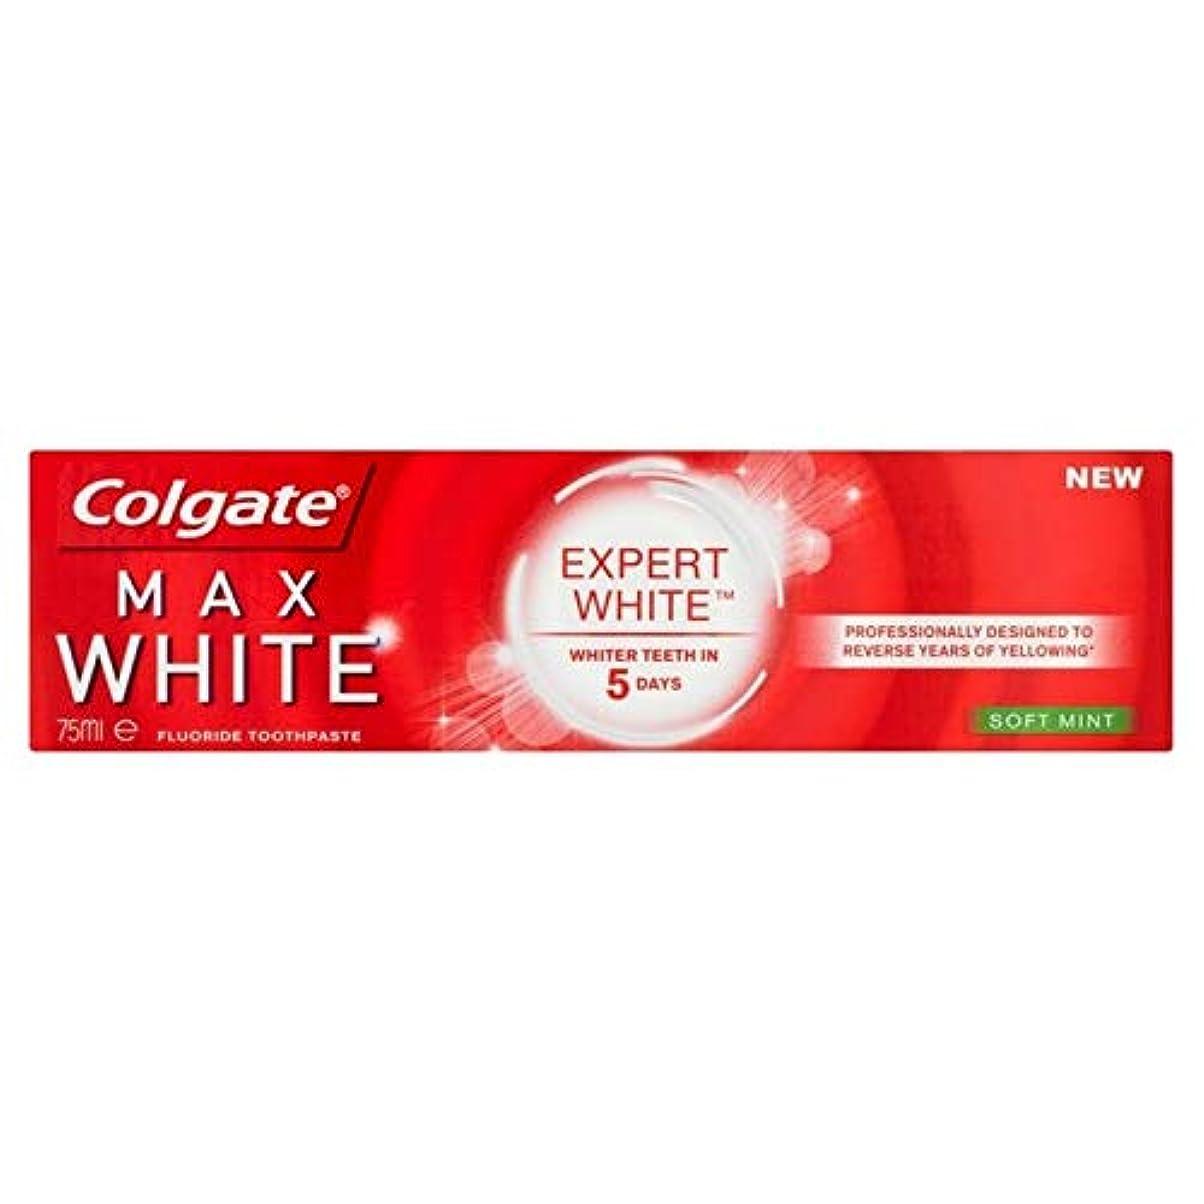 おしゃれじゃない器具プレビスサイト[Colgate ] コルゲート最大白の専門ソフトミントホワイトニング歯磨き粉75ミリリットル - Colgate Max White Expert Soft Mint Whitening Toothpaste 75ml...